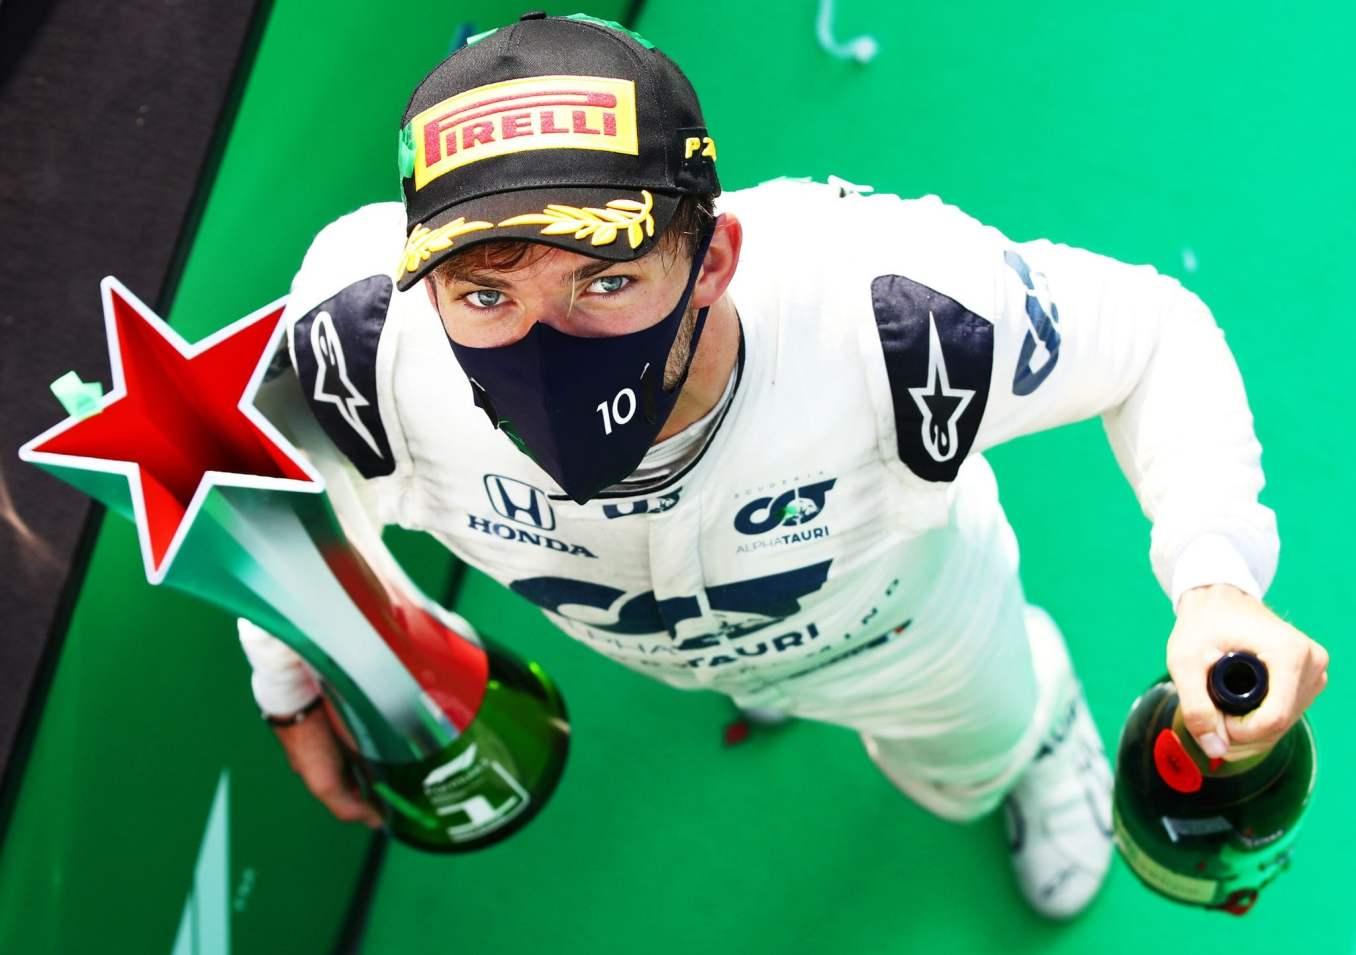 Pierre Gasly Monza 2020 victoire   Ross Brawn se félicite de l'arrivée d'Alpine en F1